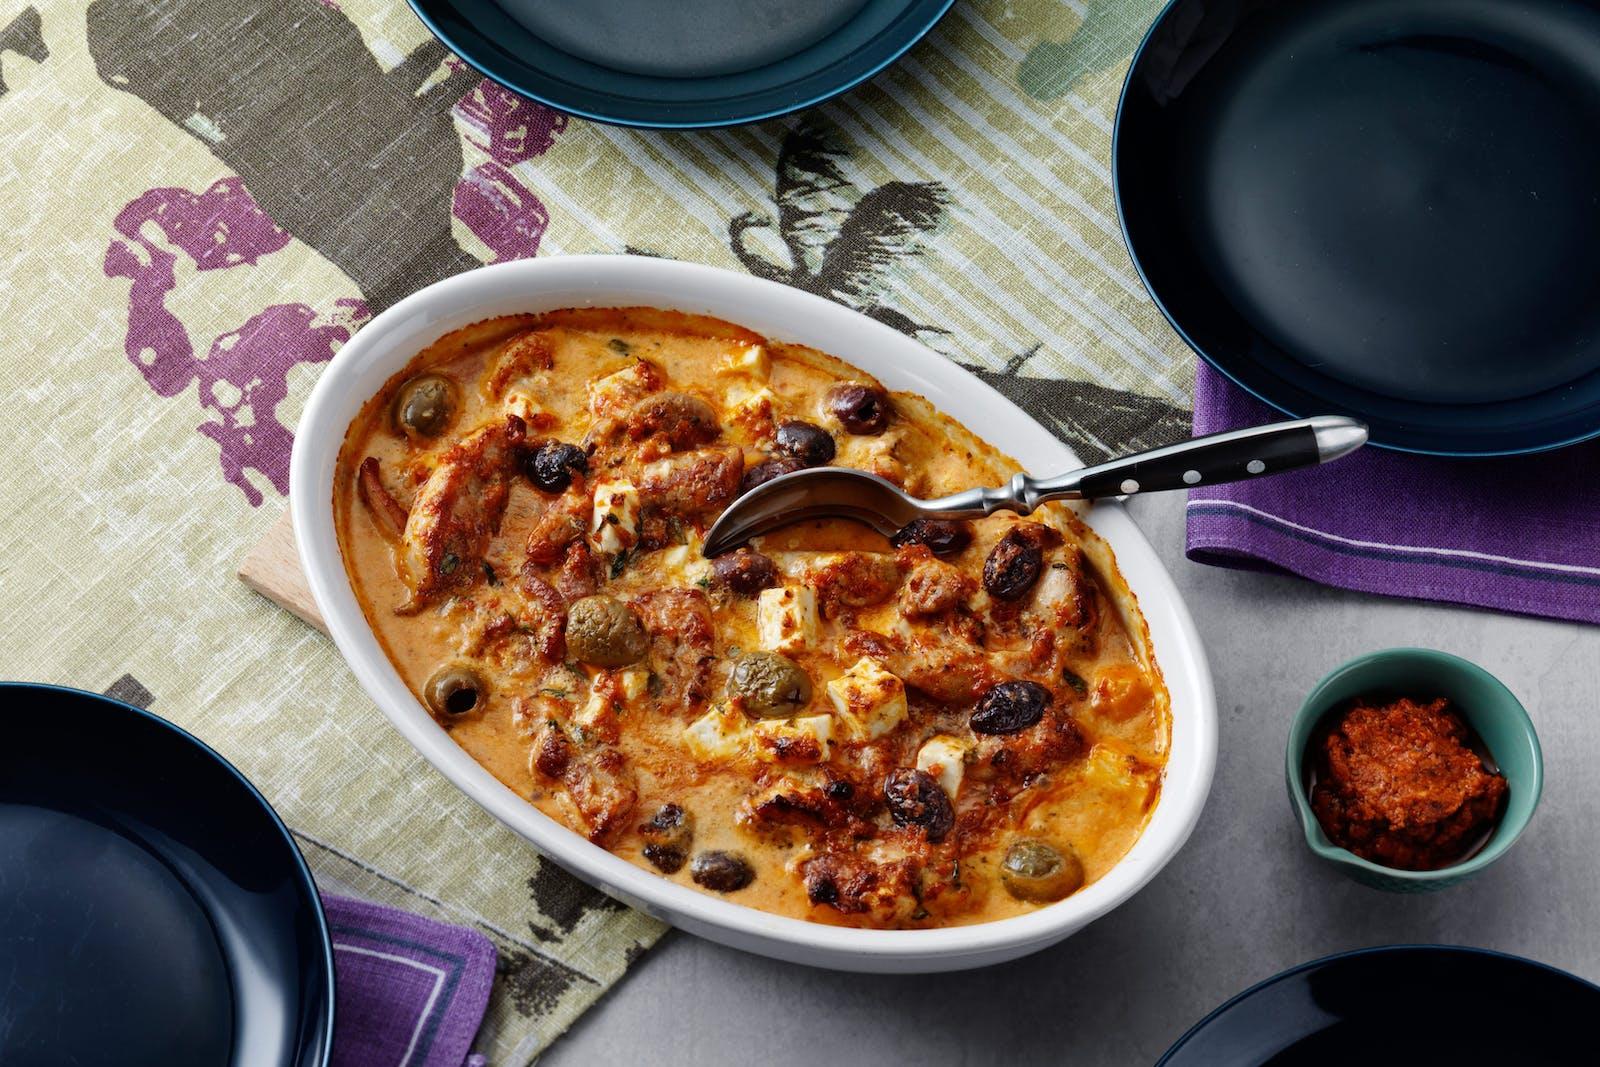 Keto Pesto Chicken Casserole With Feta  Olives  Recipe -2948